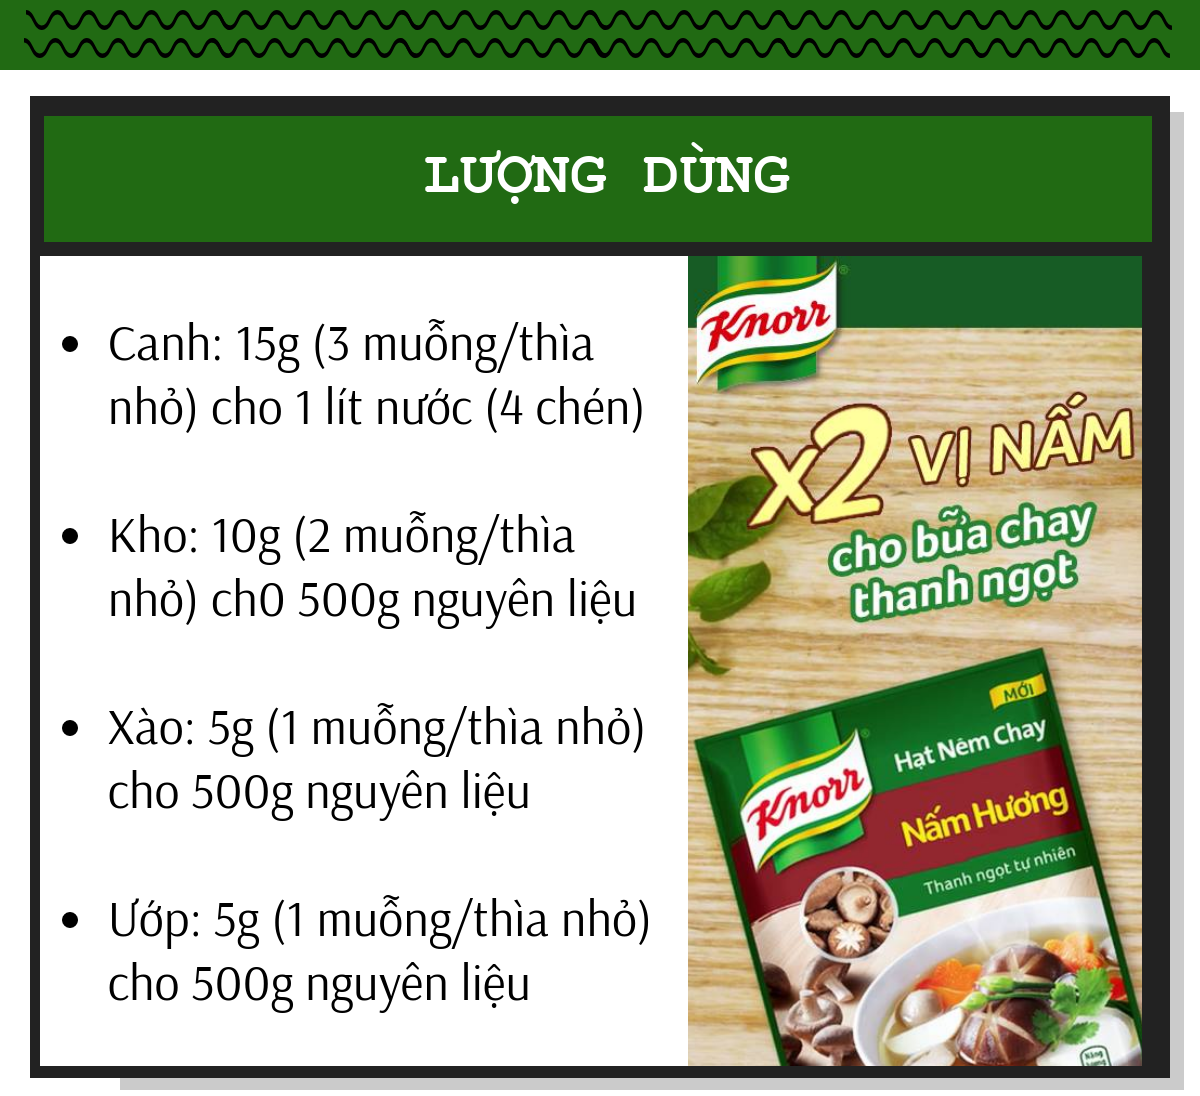 Lượng dùng Knorr nấm hương cho các món ăn